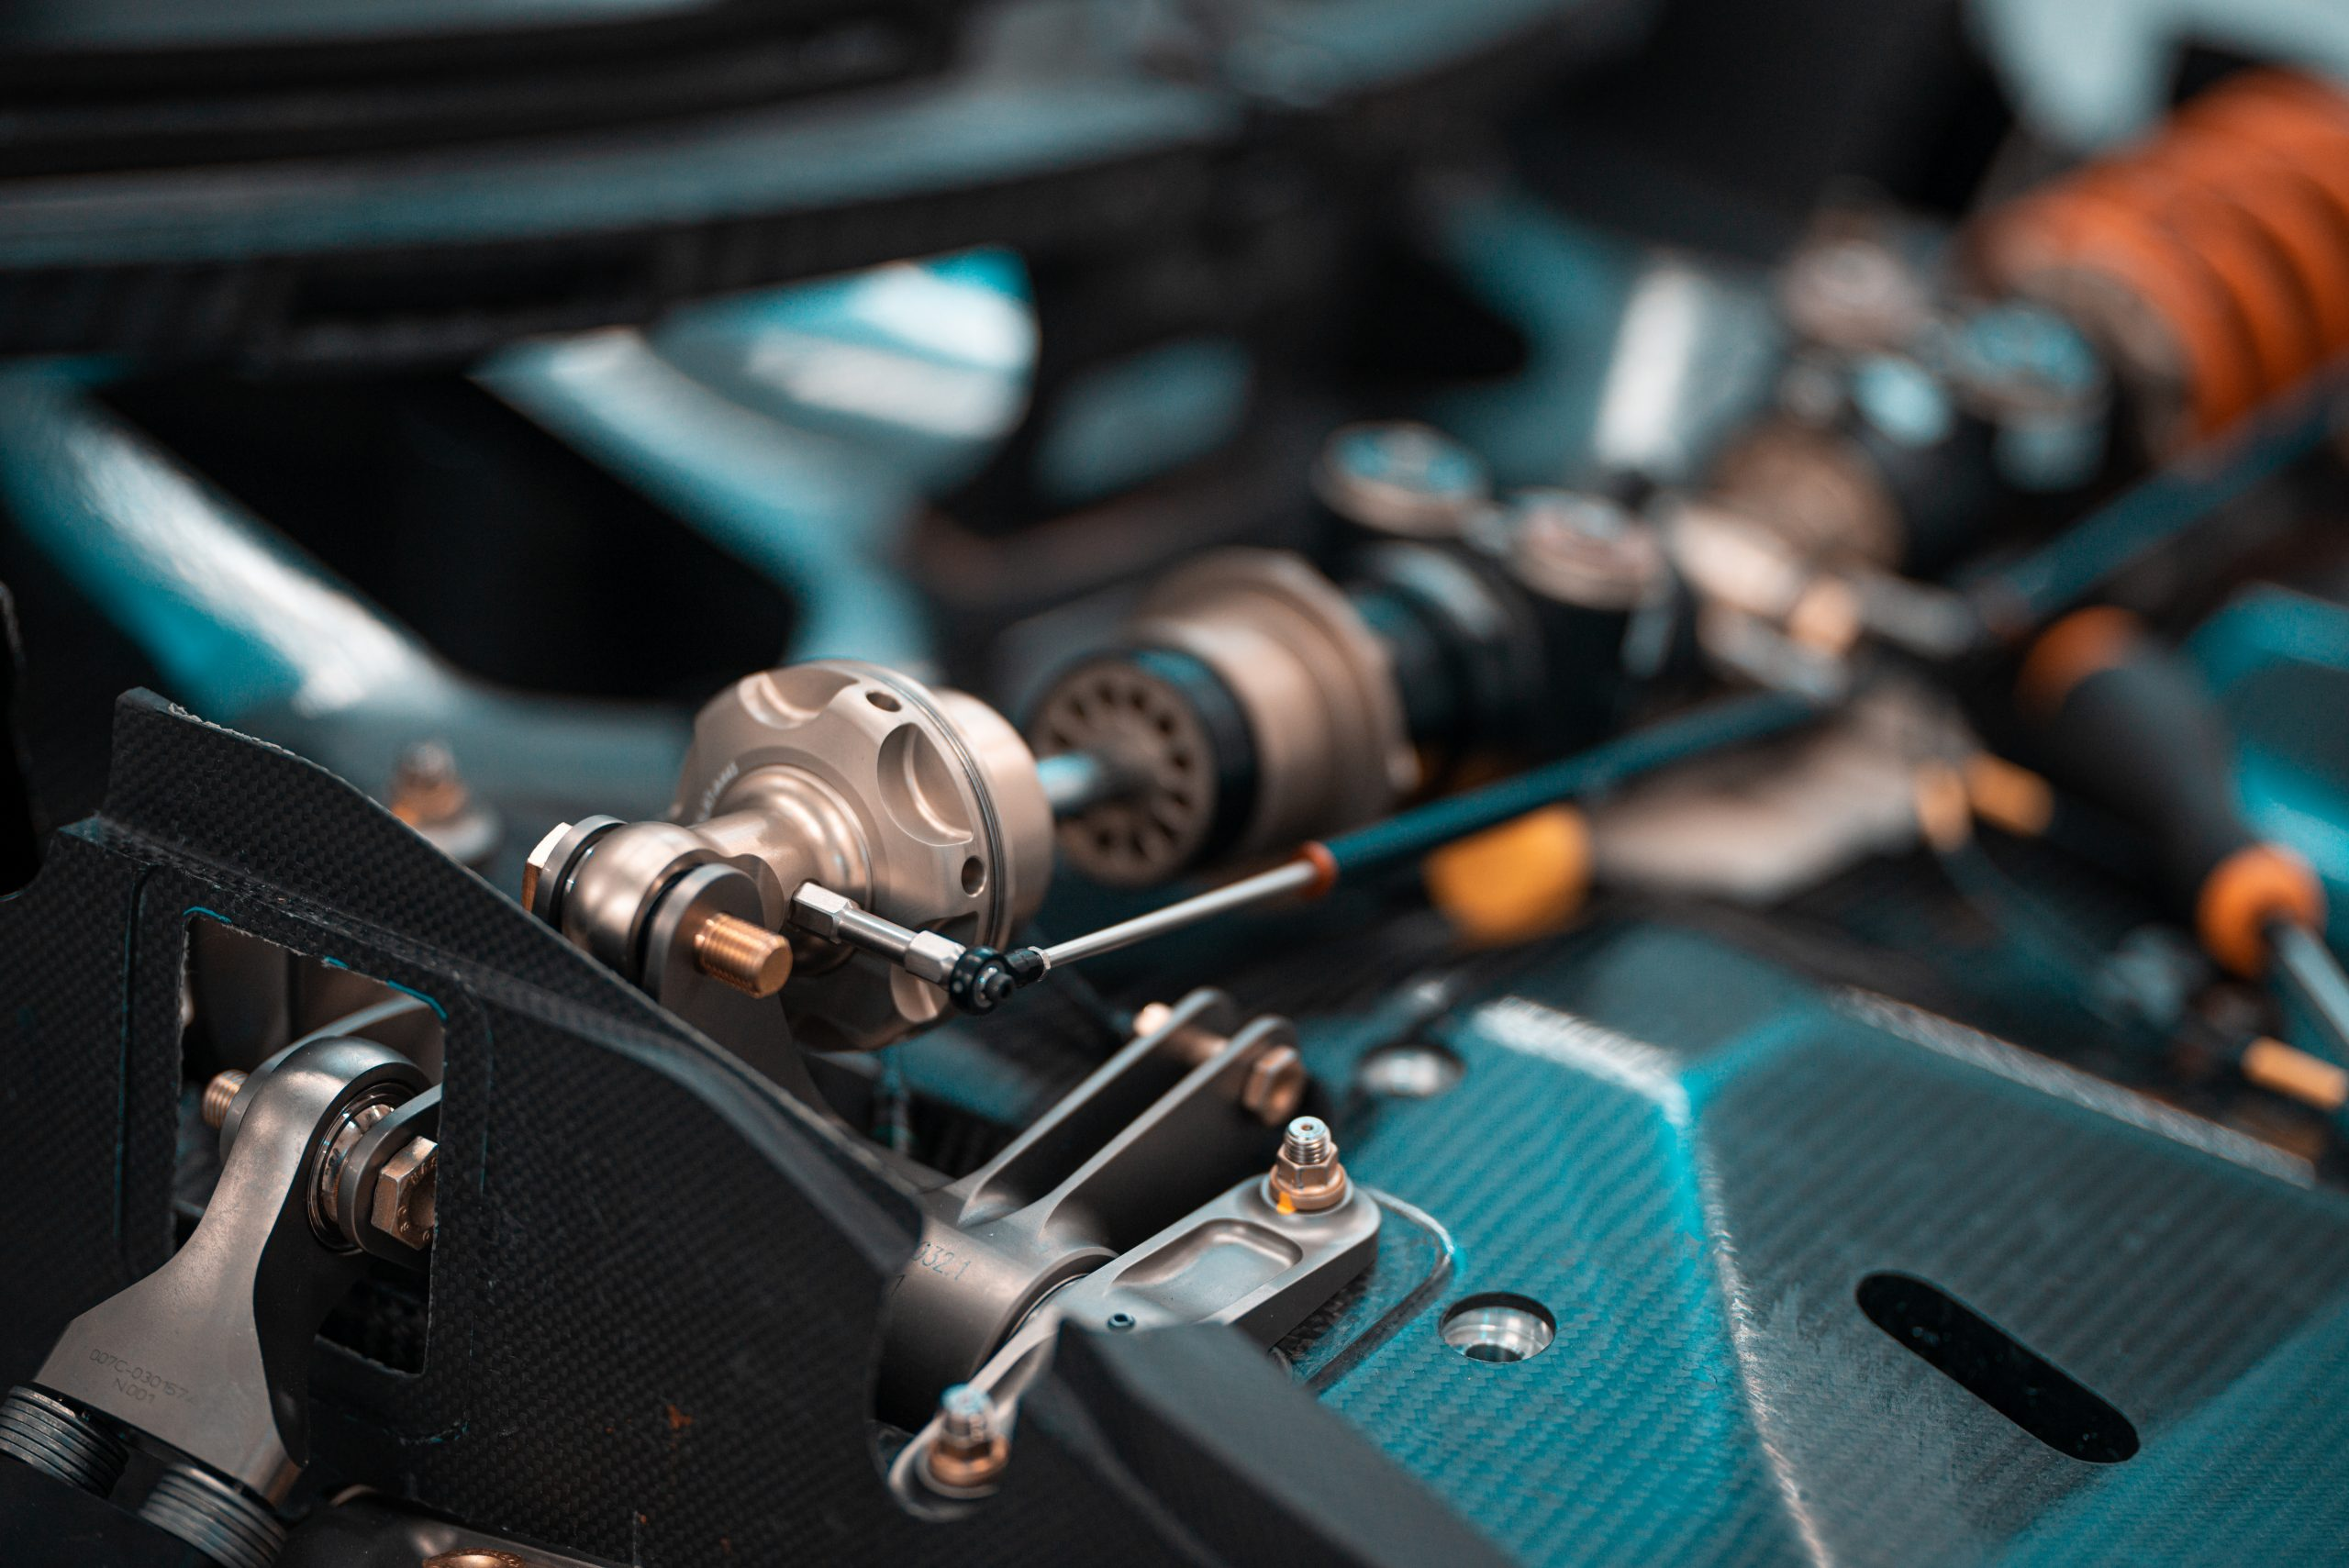 SCG Scuderia Cameron Glickenhaus 007 Hypercar LMH linkage